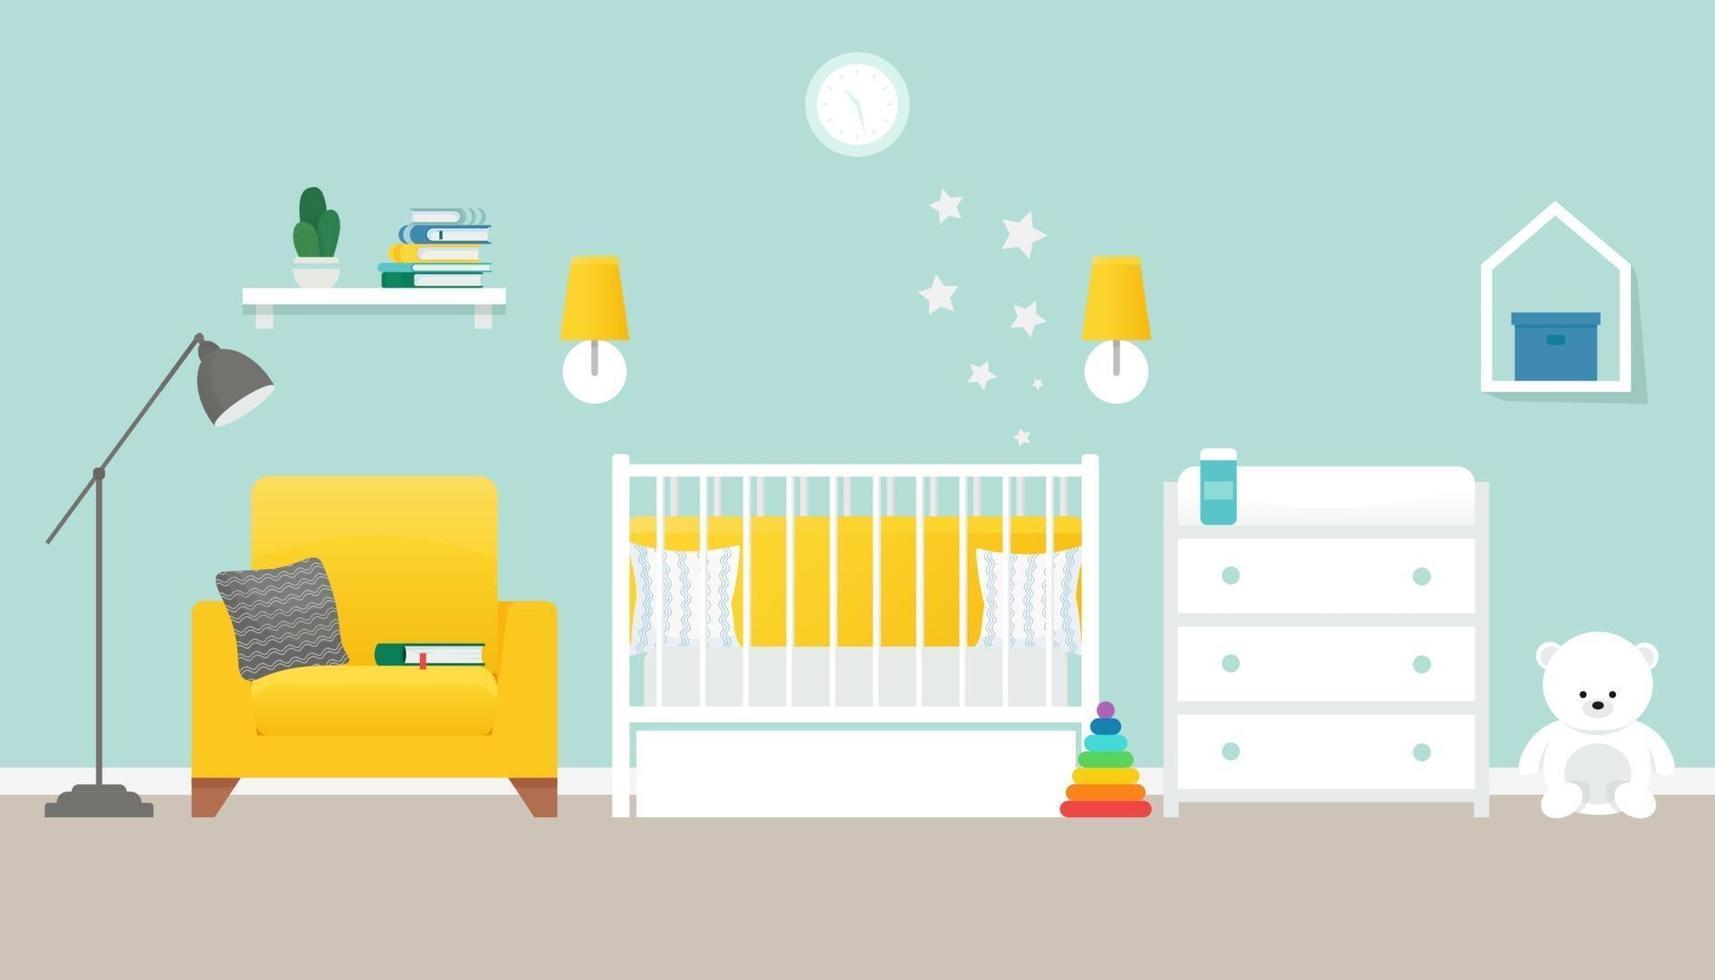 gezellig kinderdagverblijf, babykamer, vlakke stijl vectorillustratie vector